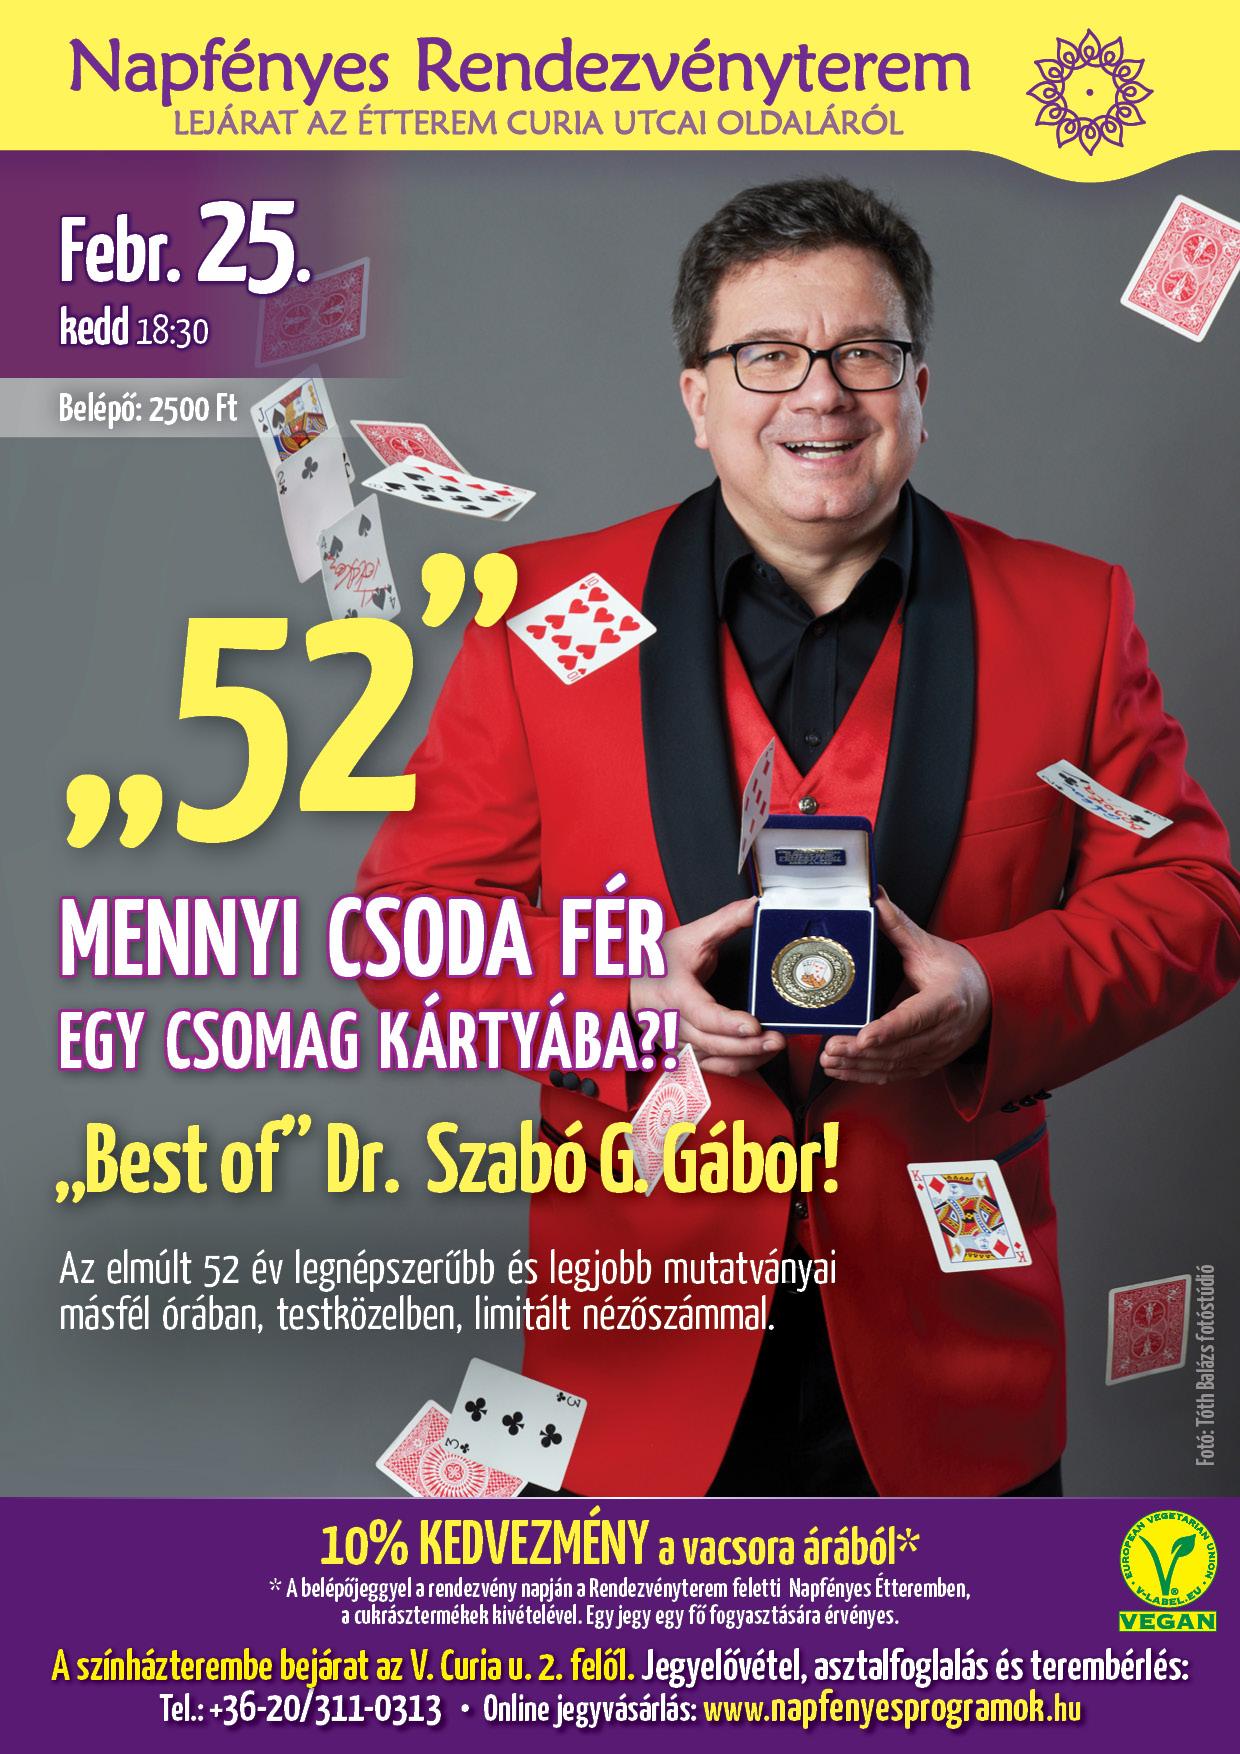 buvesz Szabo Gabor 52 A4